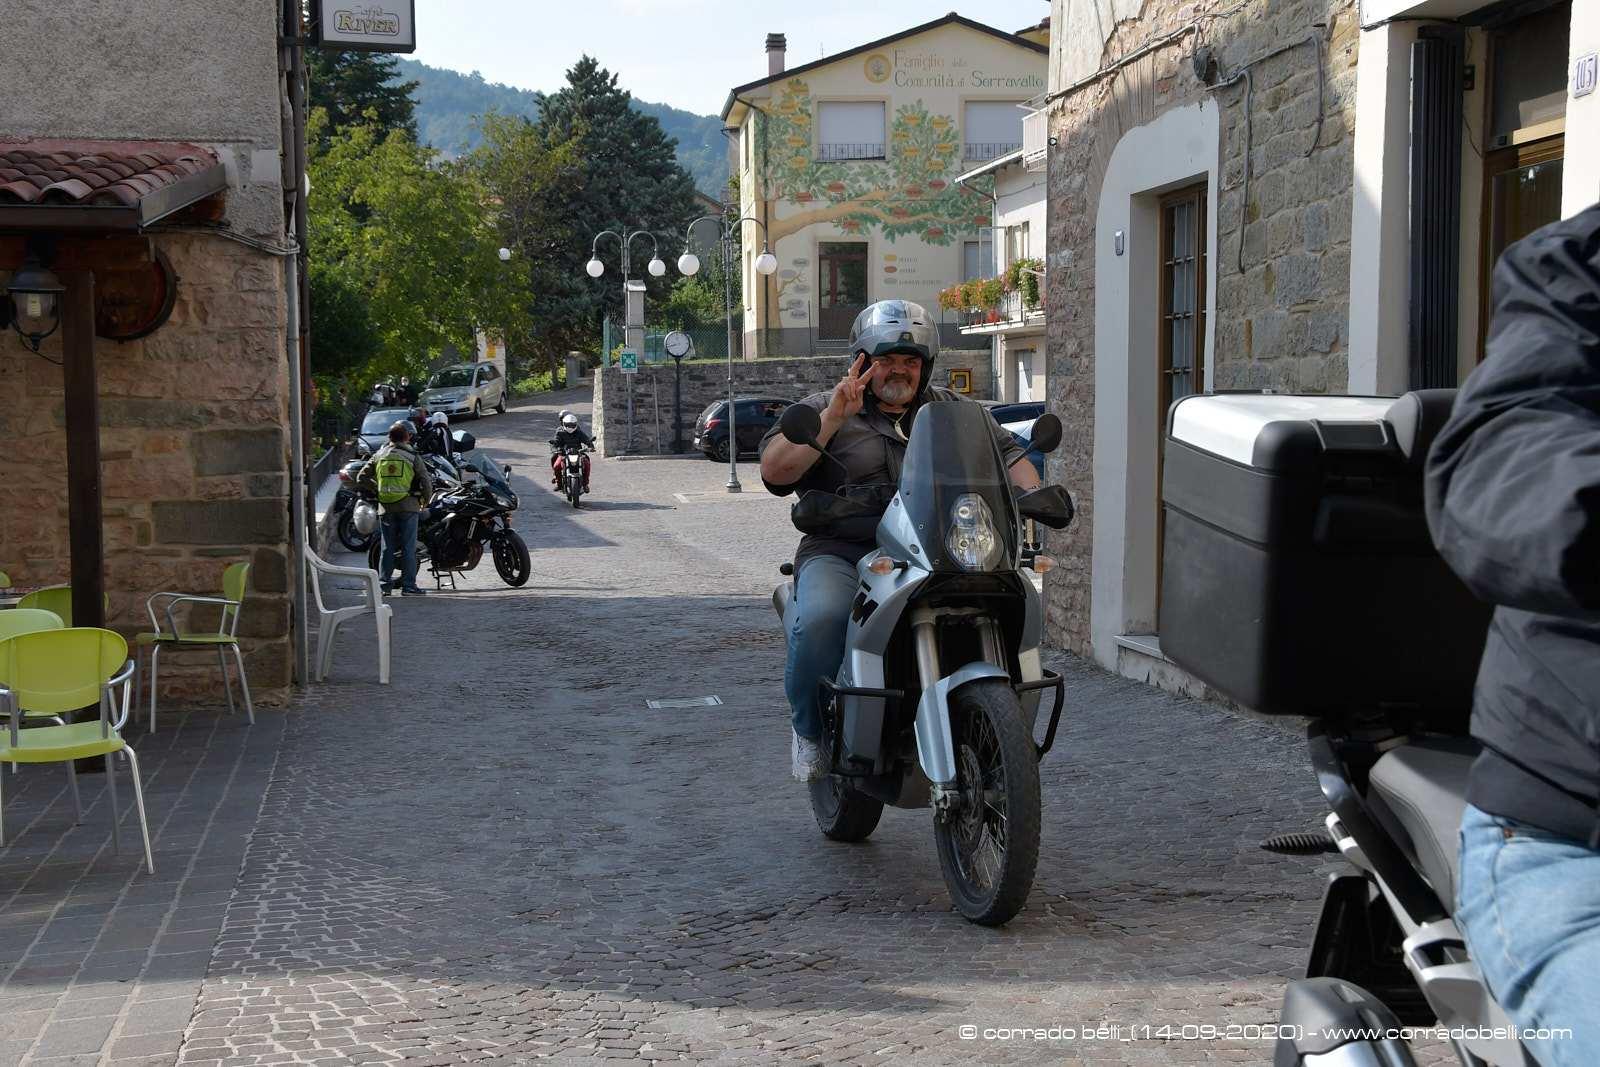 0218_-Benelli-Week-14-09-20